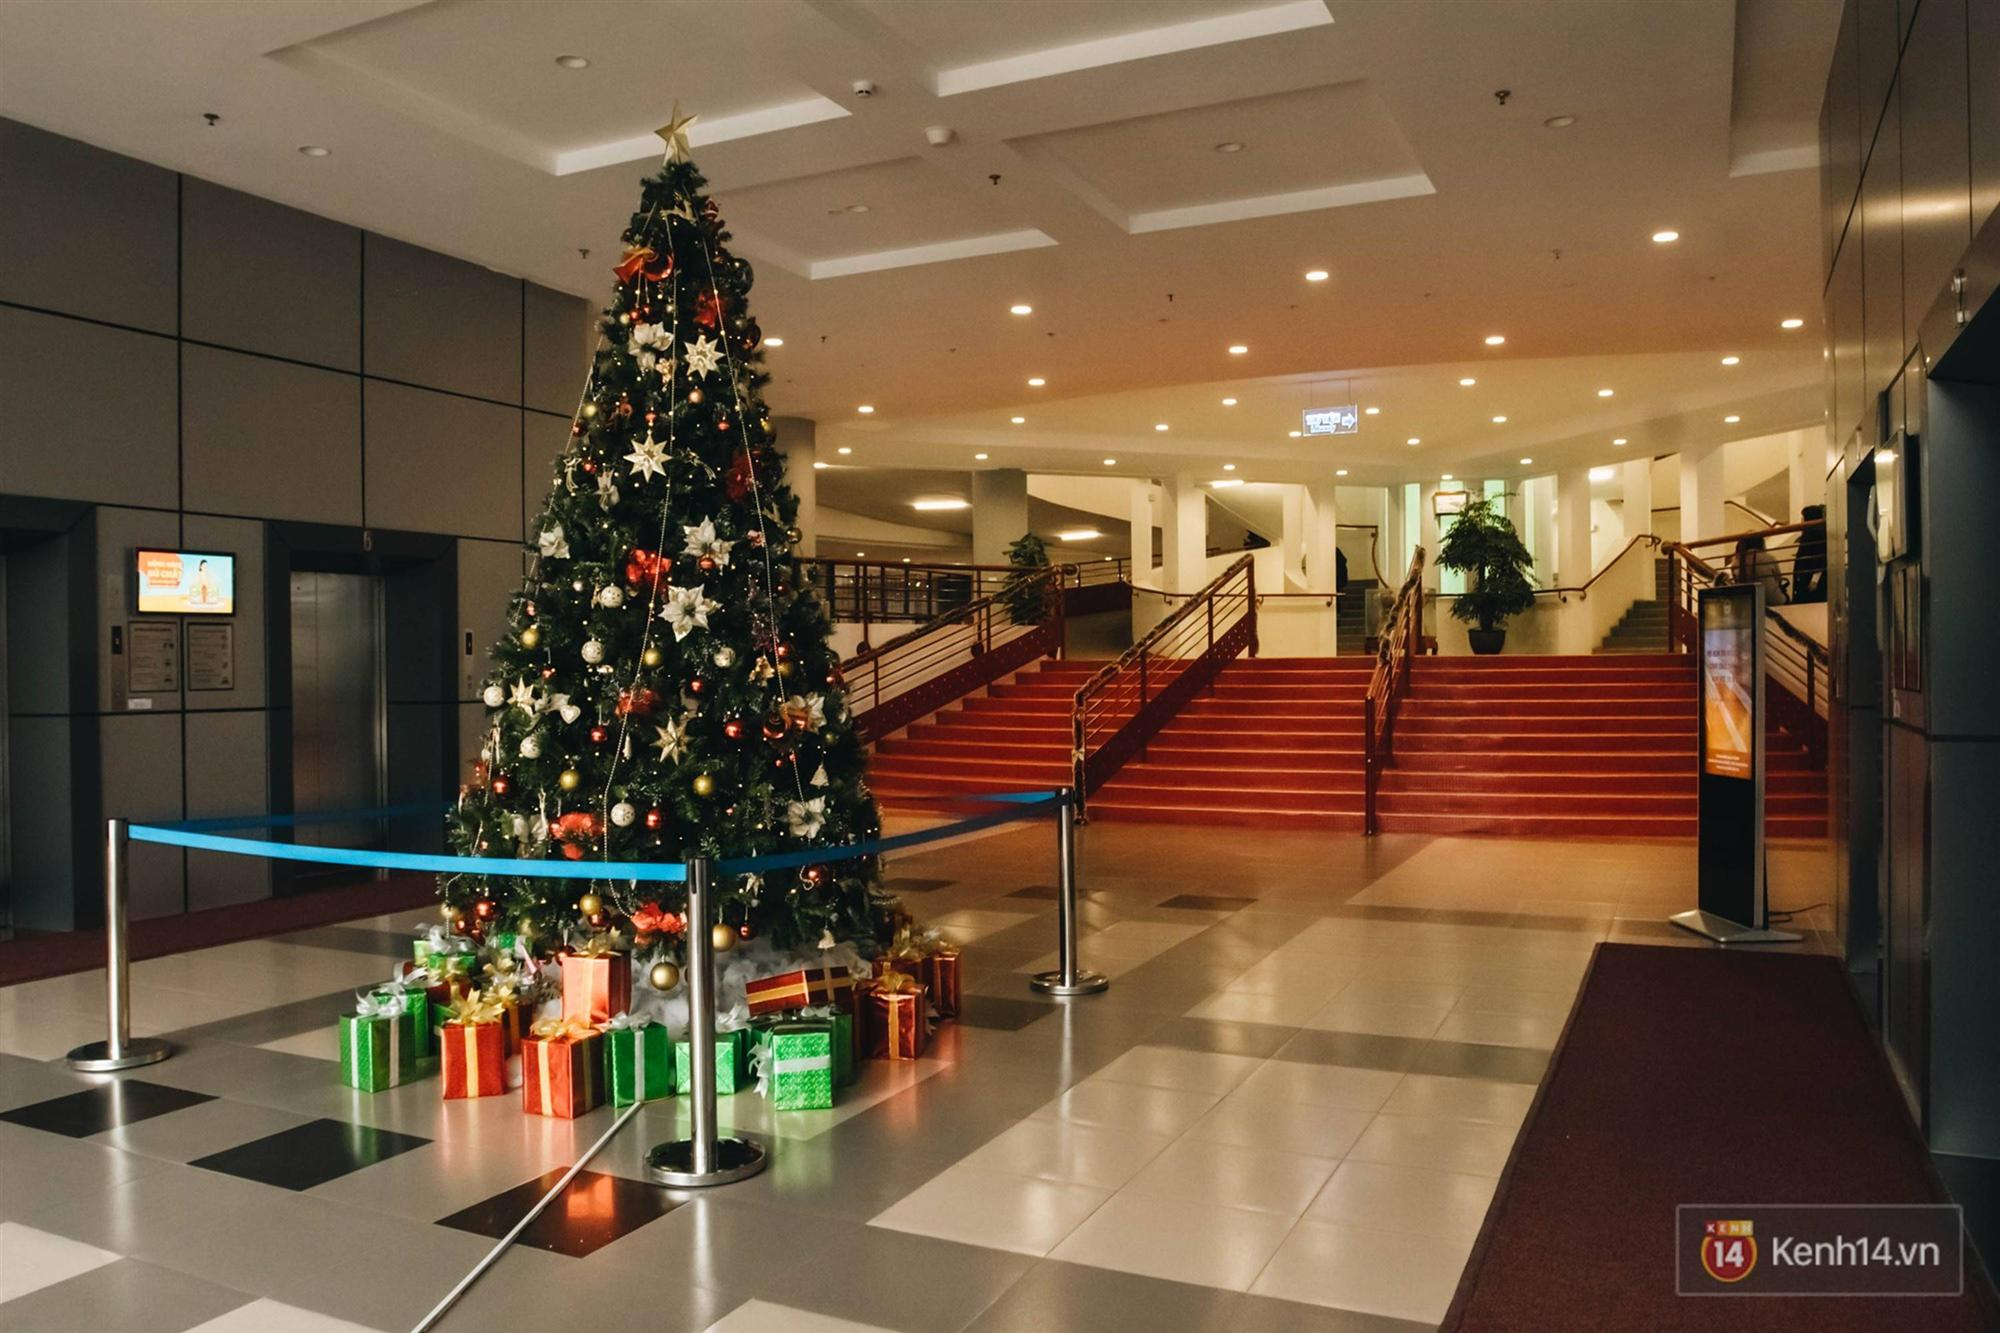 Xịn như Kinh tế Quốc dân: Dựng không gian checkin Noel sang như khách sạn bên trong toà nhà thế kỷ 96.000 m2 với 17 thang máy!-8